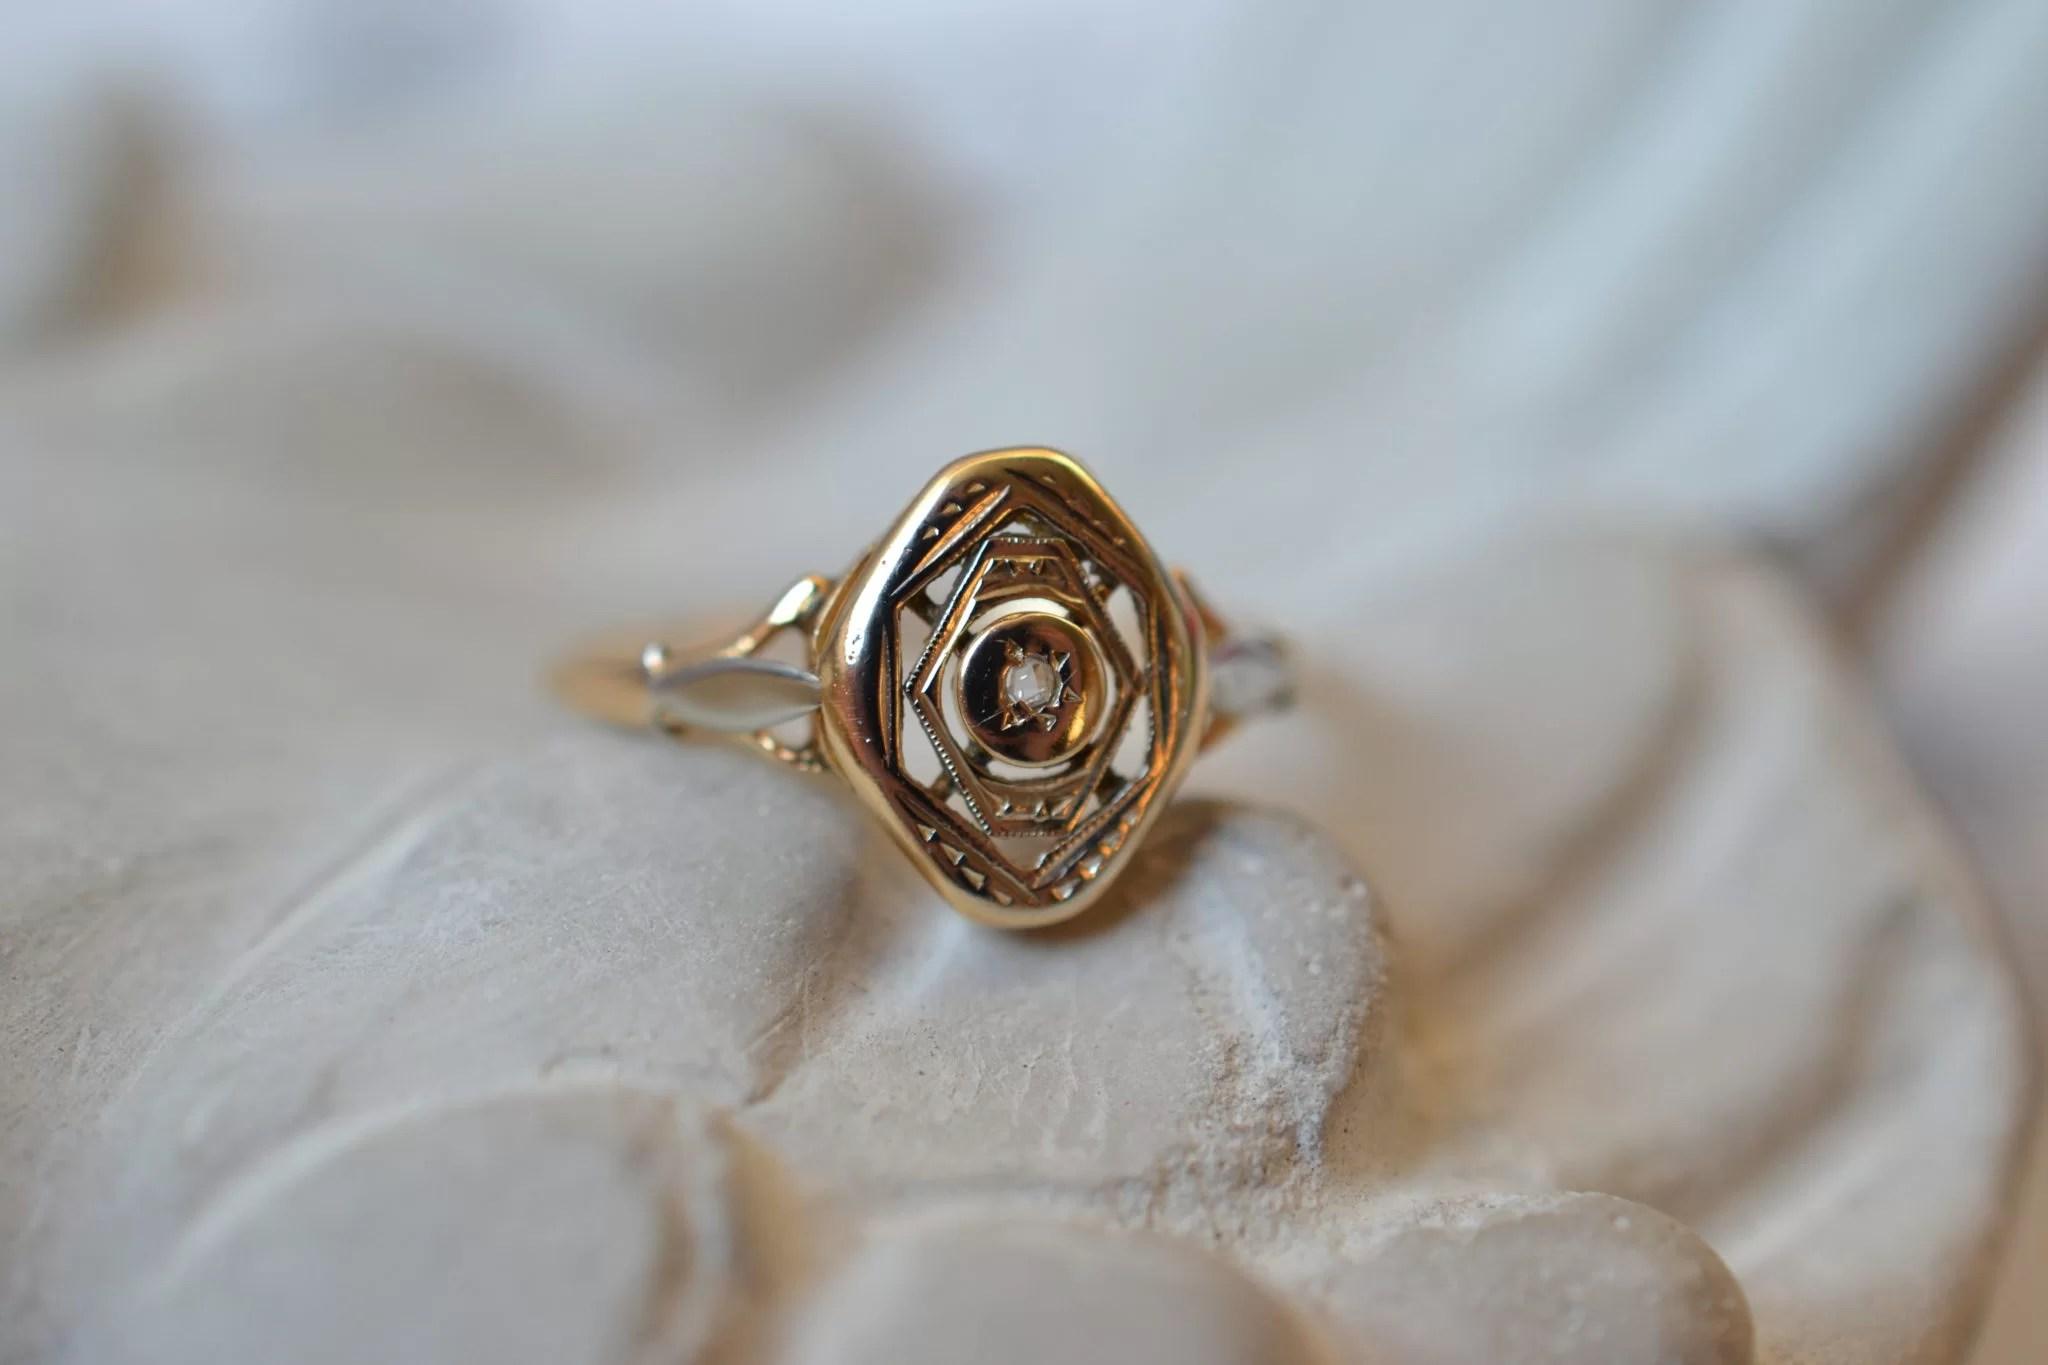 Bague losange en Or jaune et Or blanc sertie en son centre d_une pierre blanche - bague de seconde main